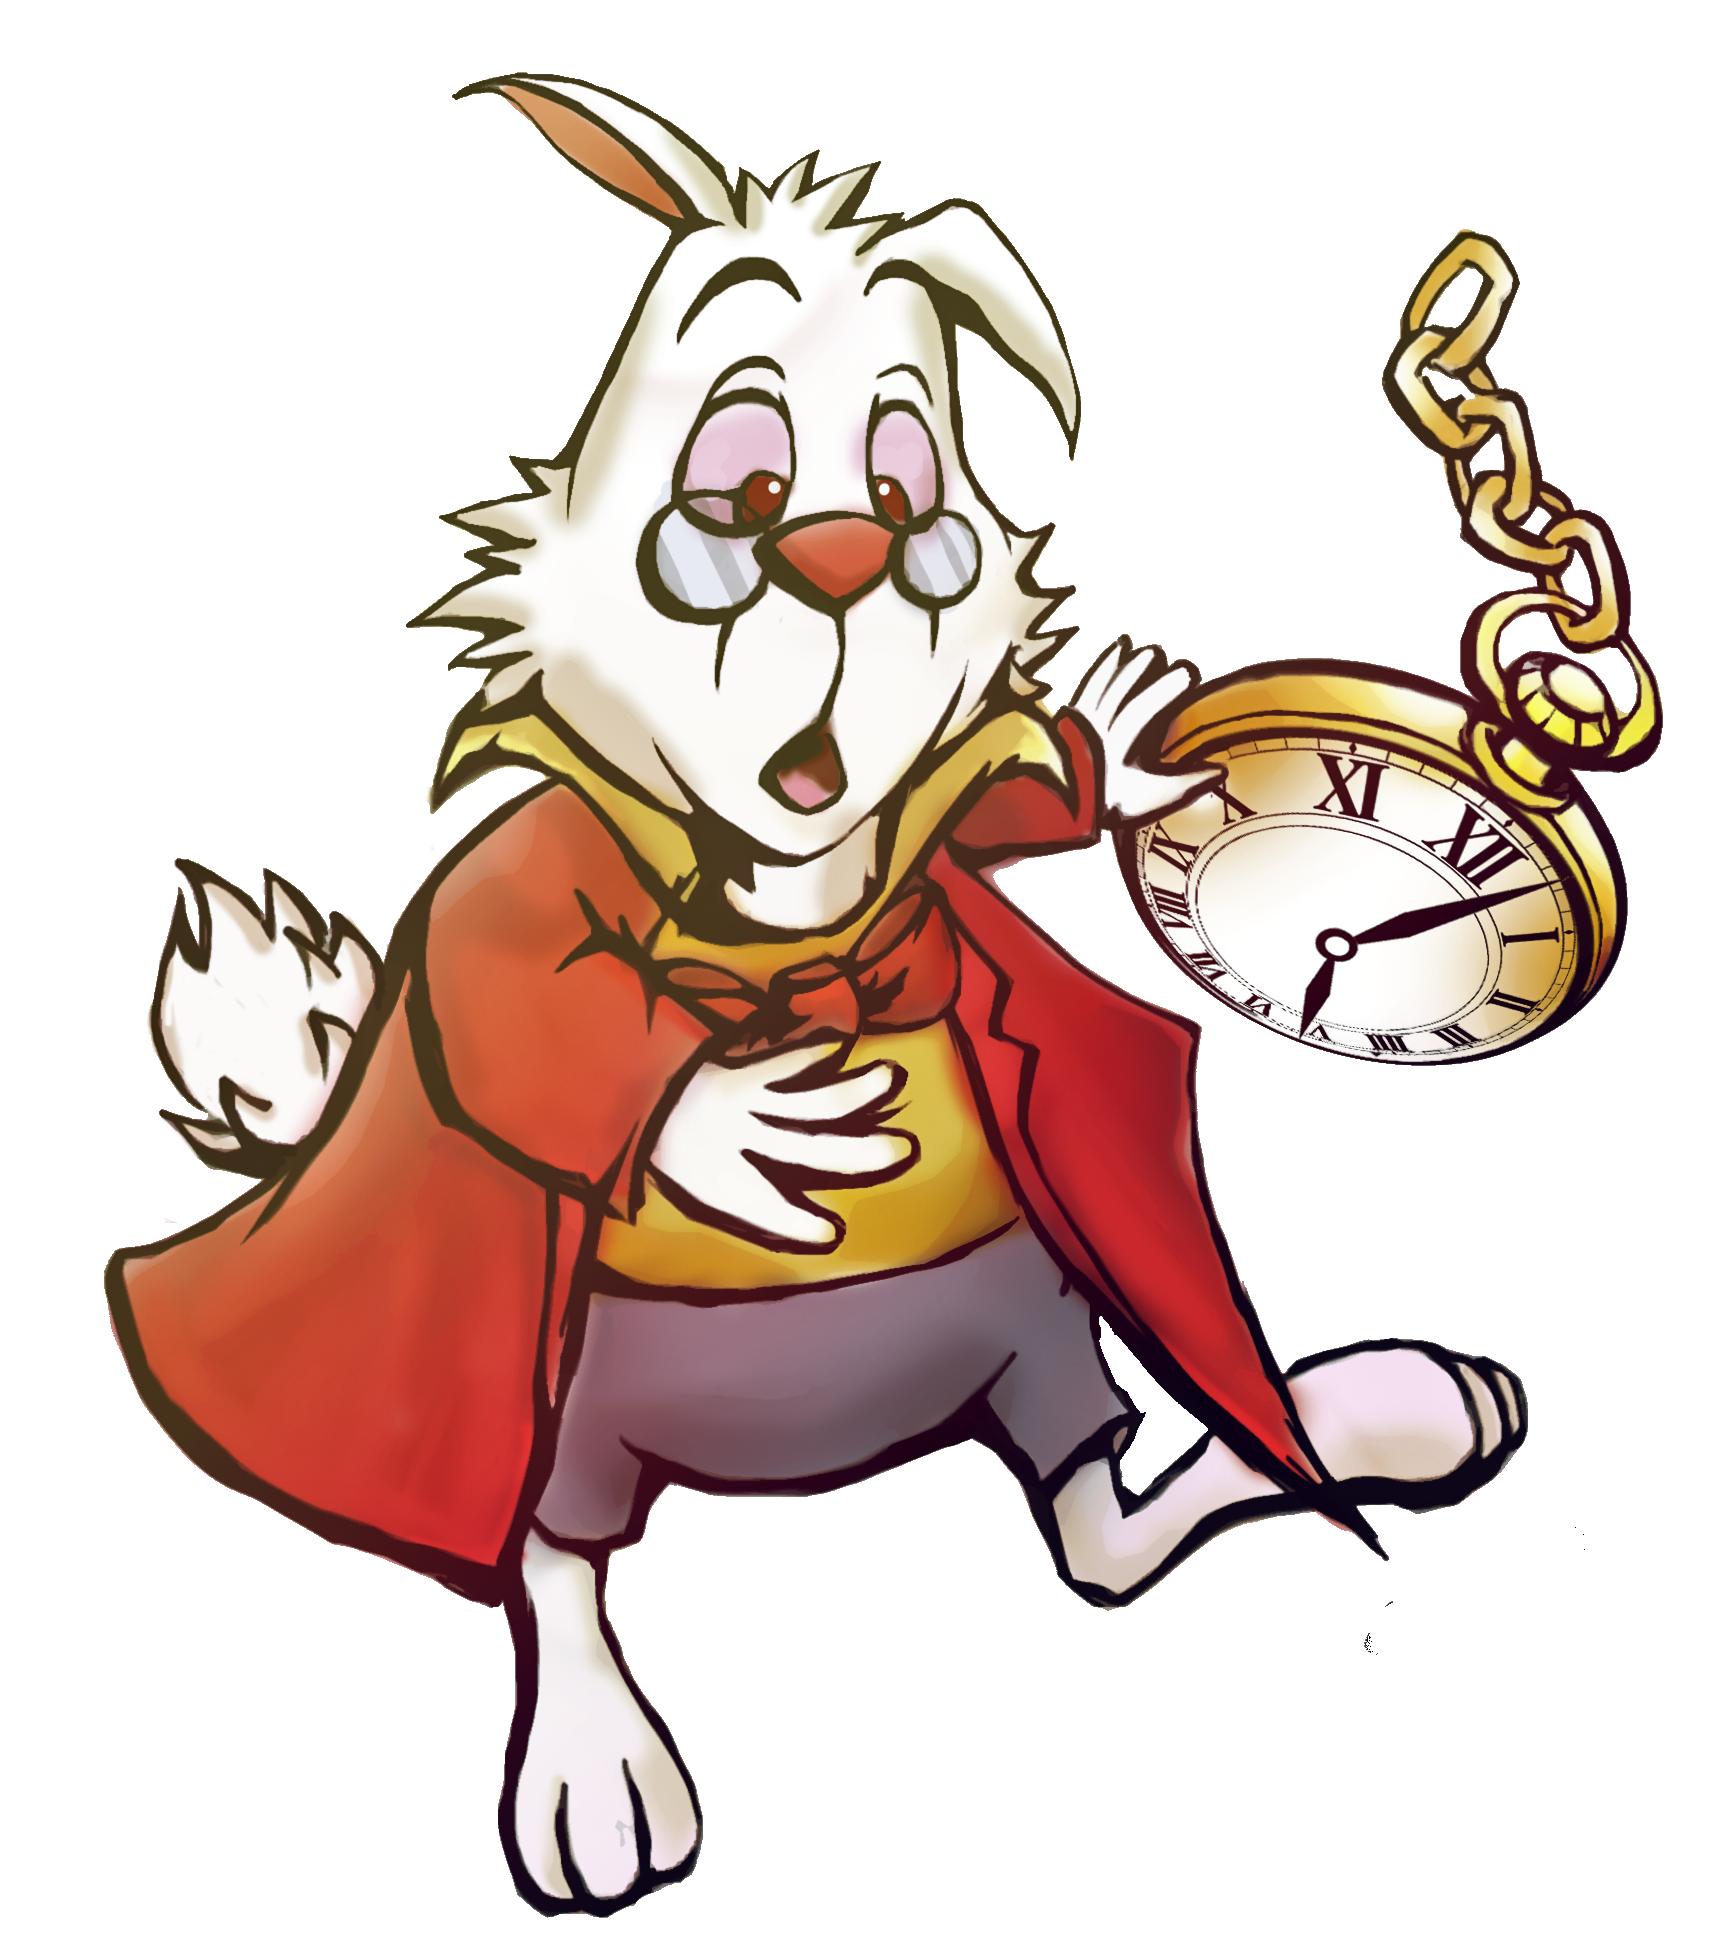 KHInsider KH Mural - White Rabbit by zephyr-flutist on